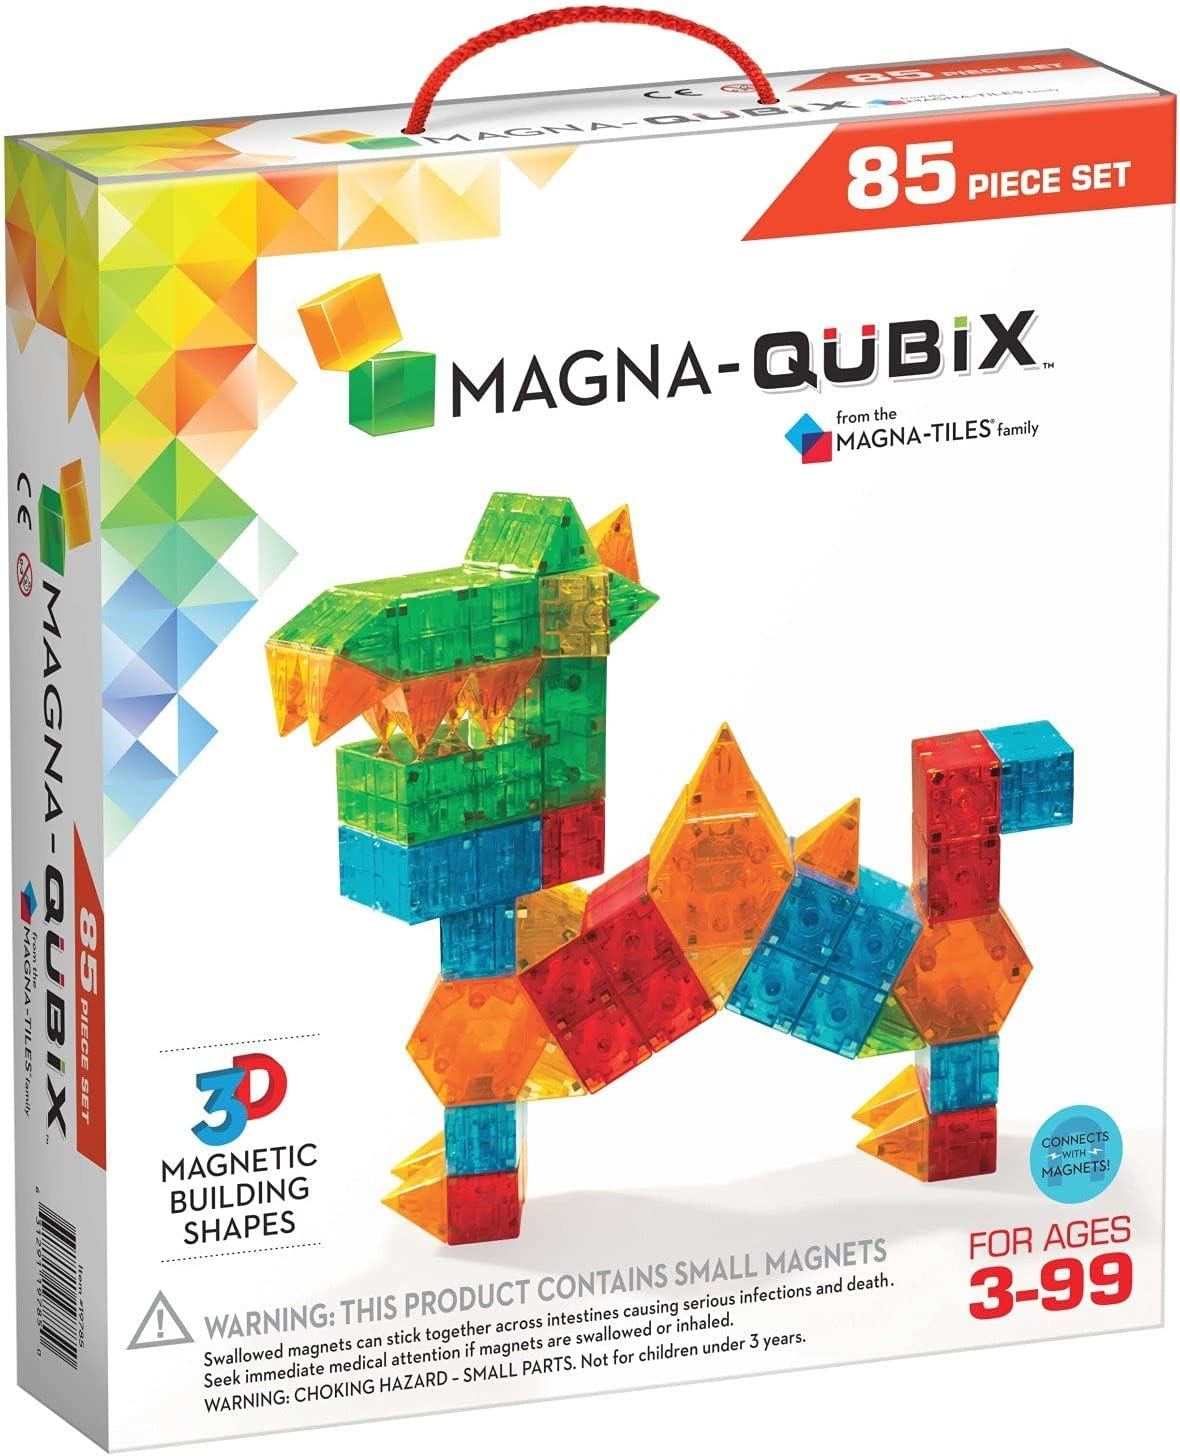 NEW Magna-Qubix 85-Piece Set Max 50% OFF The Original Building Blocks Magnetic